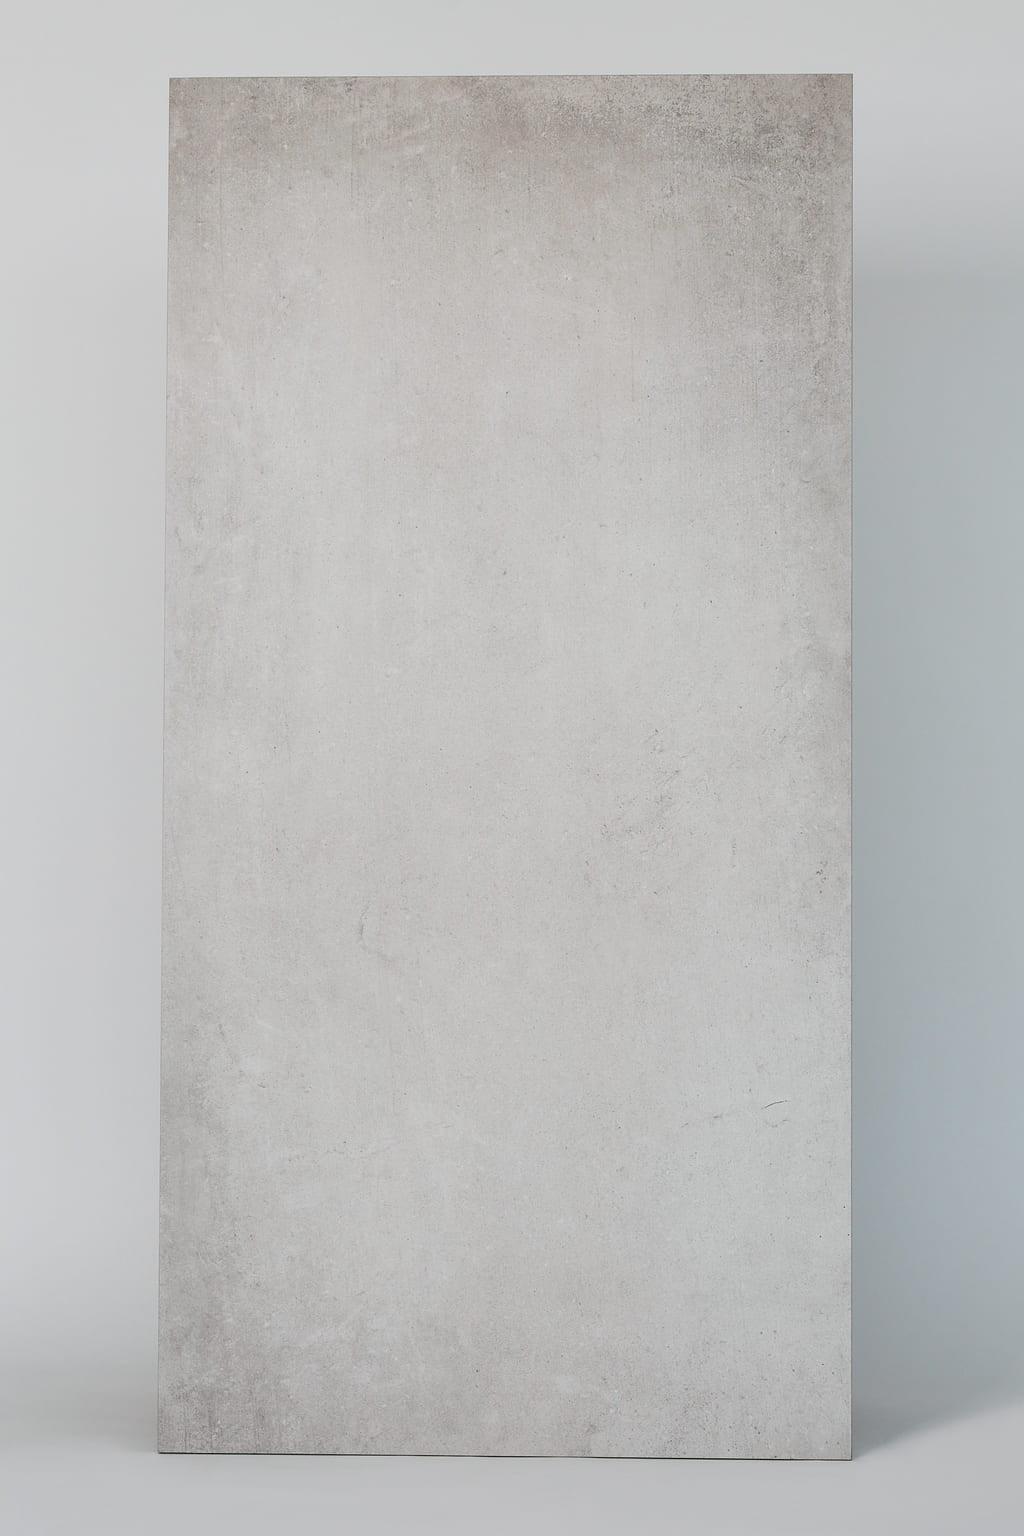 Płytka dekoracyjna włoska, gresowa, rektyfikowana, mrozoodporna, podłoga, ściana, matowa, rozmiar 60x120cm - CERCOM Gravity light 60x120